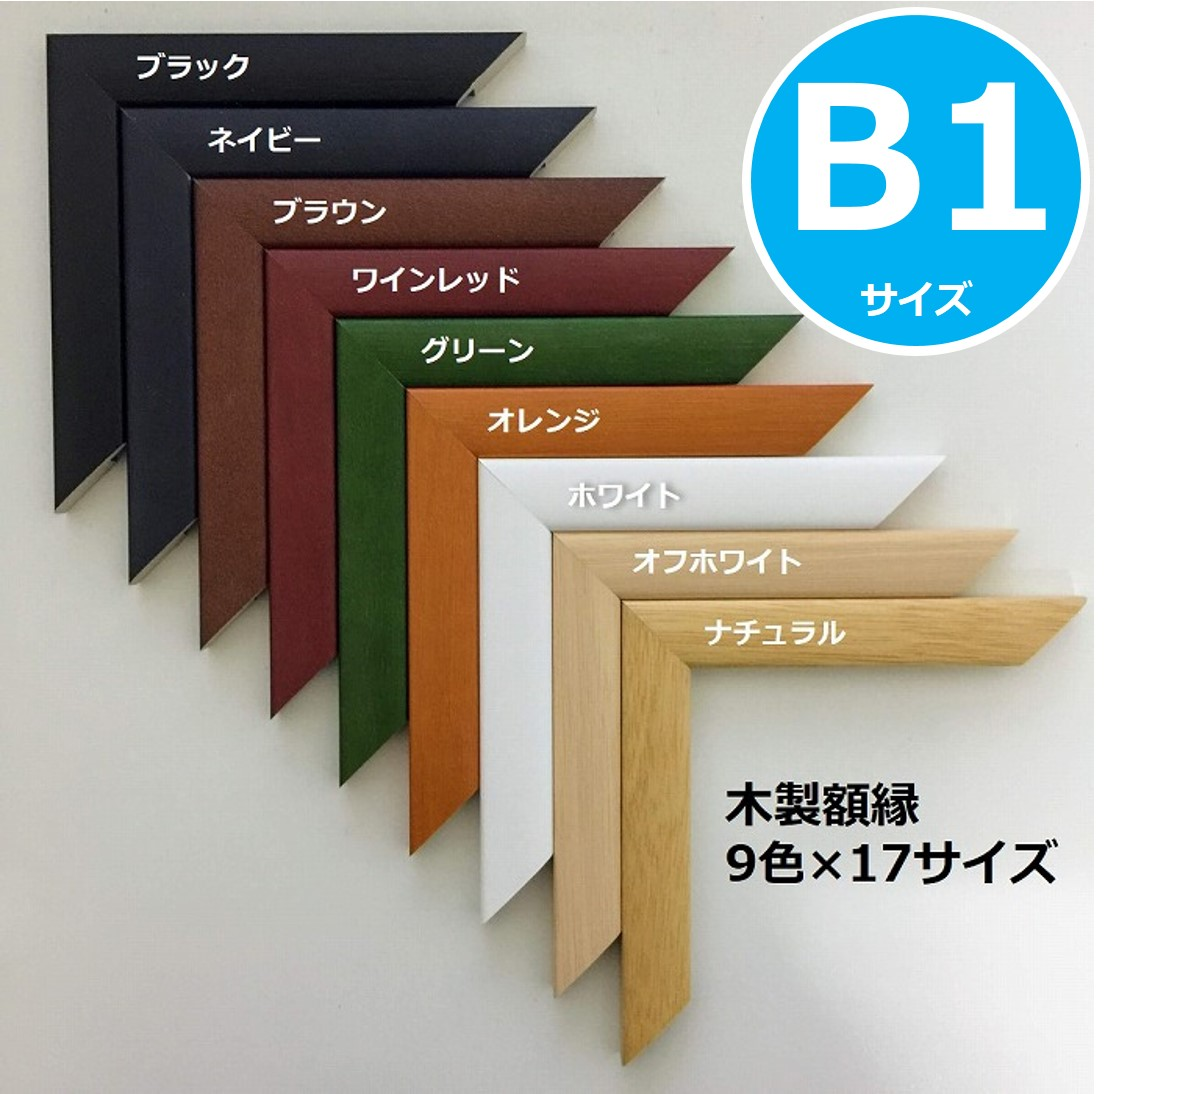 売り出し B1 お金を節約 9色から選べる国産木製額縁 取り扱い簡単サイズも豊富シンプルデザインで大好評 728×1030mm ポスターフレーム パネル 国産木製額縁